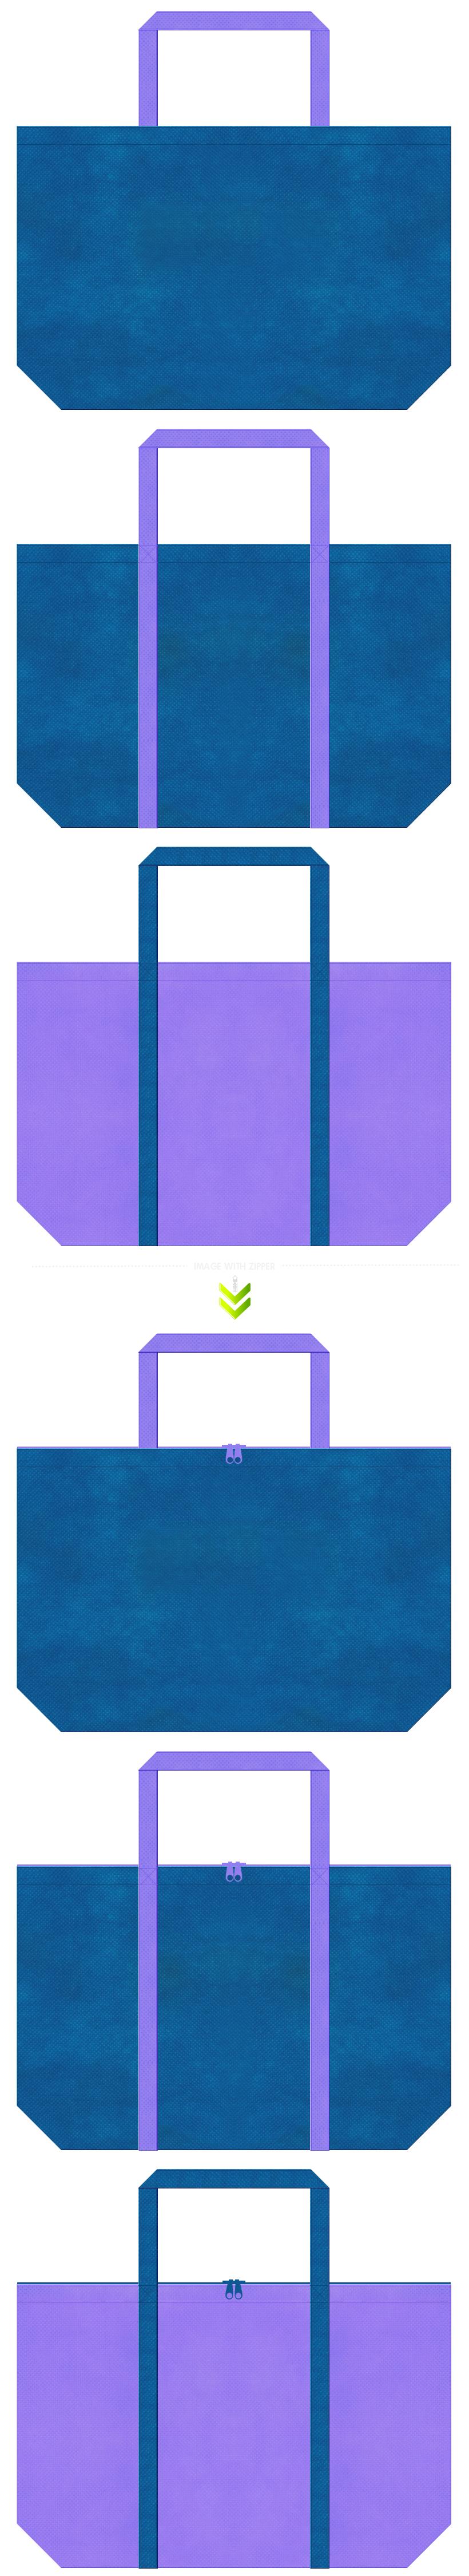 青色と薄紫色の不織布エコバッグのデザイン。